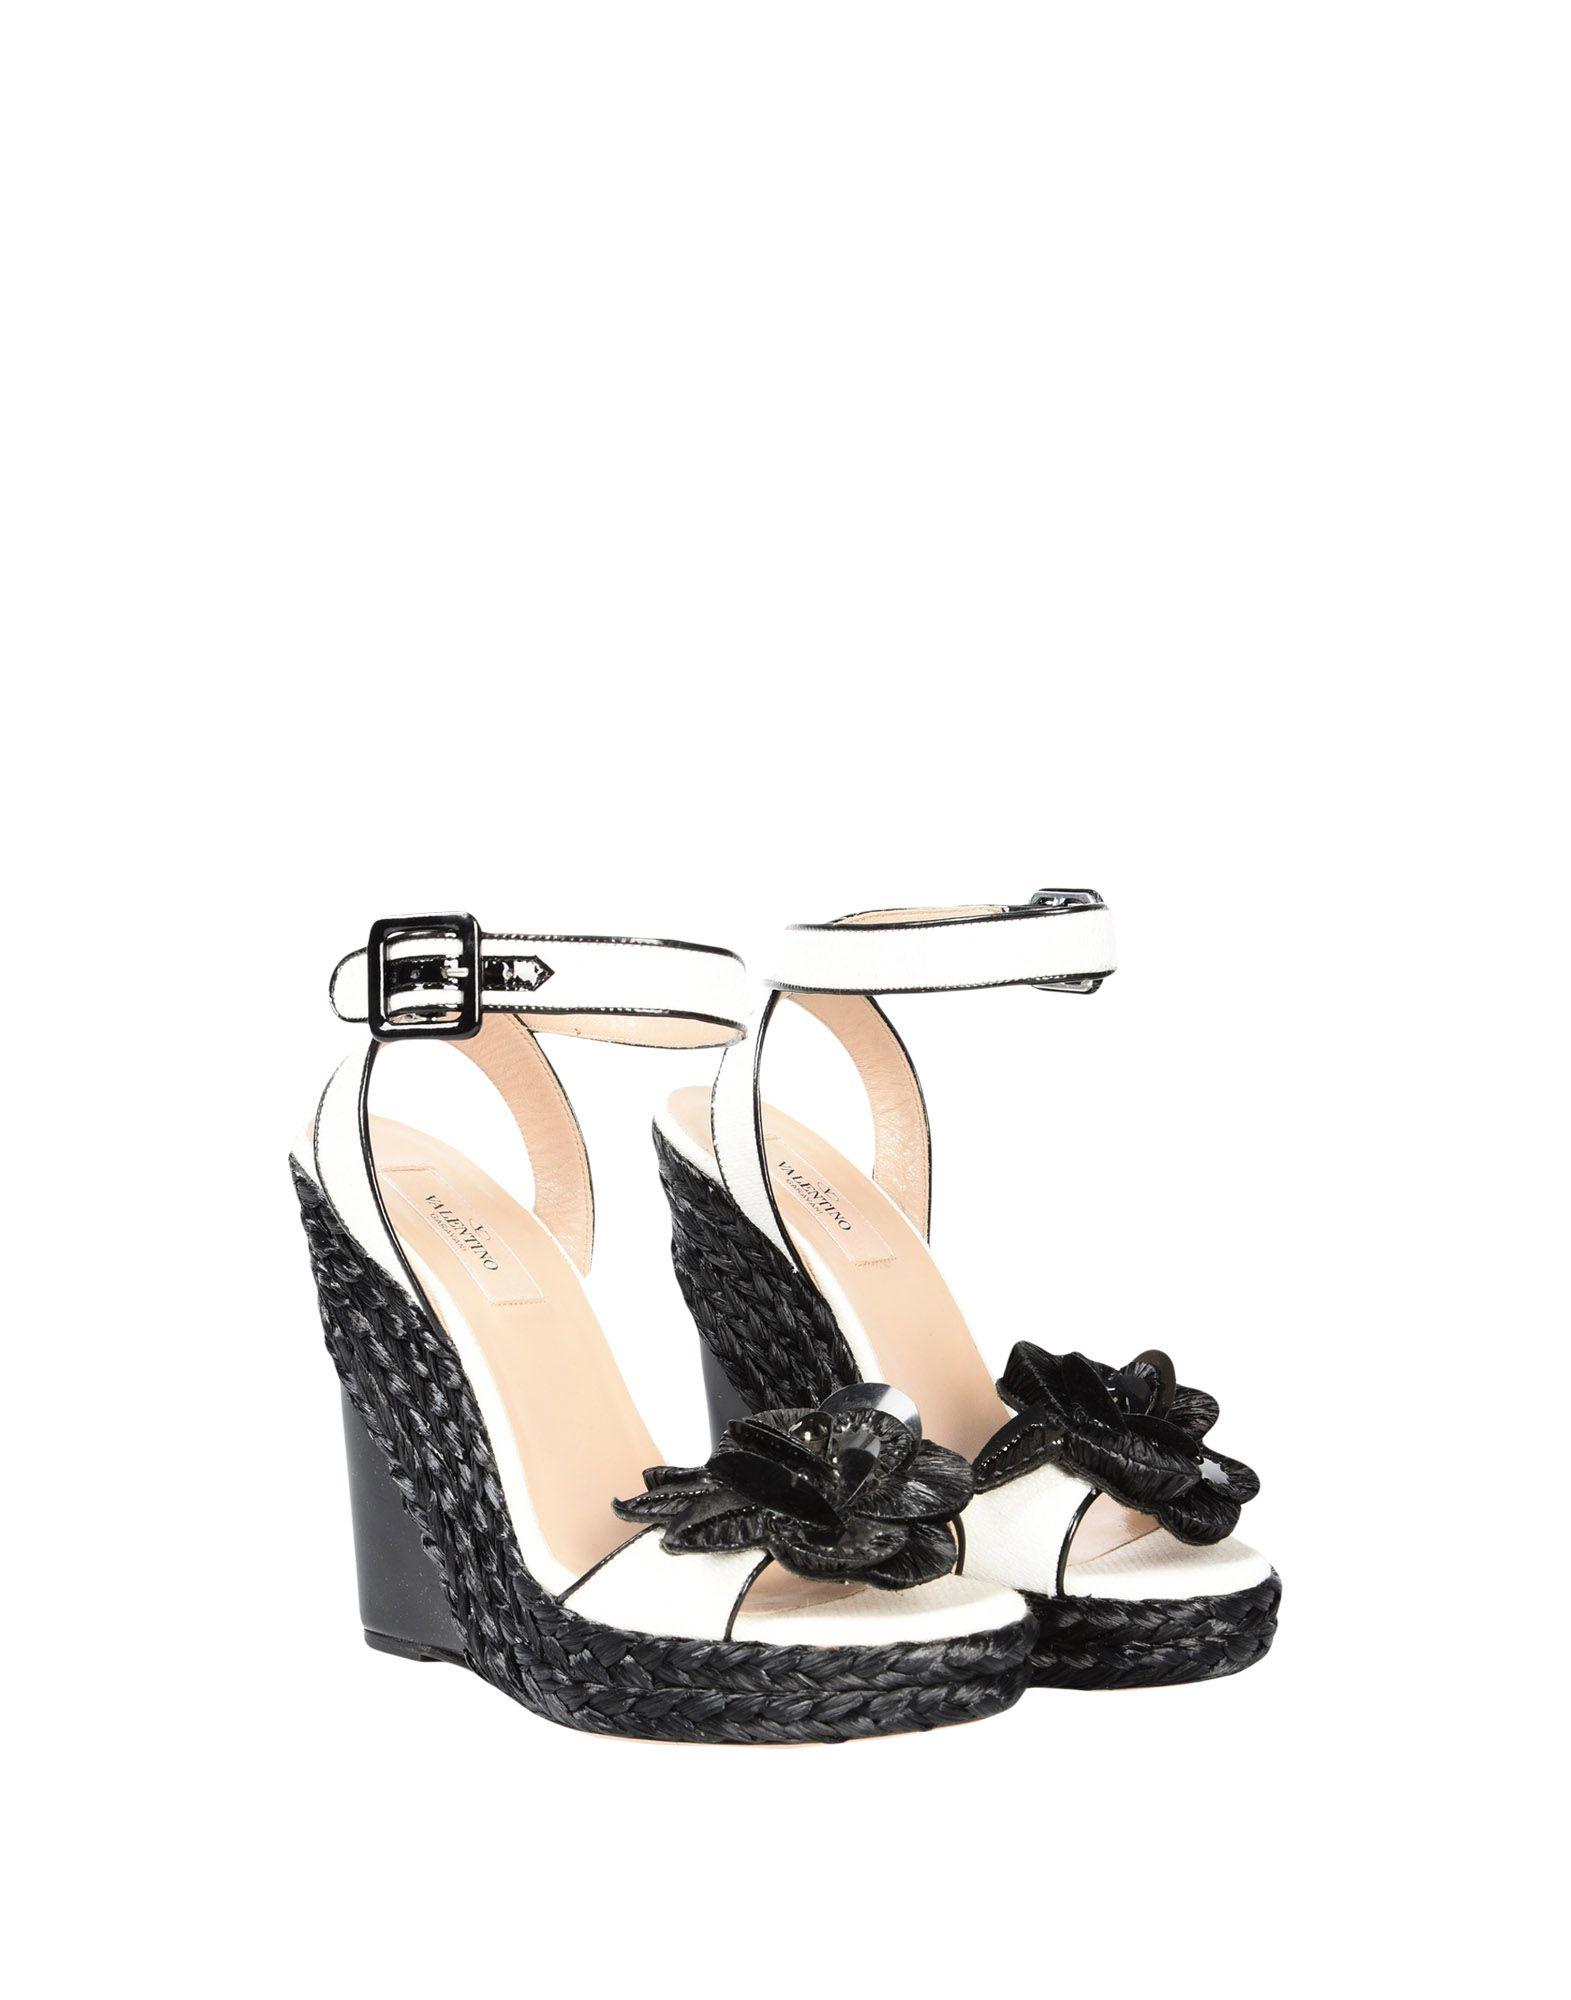 Valentino Garavani gut Sandalen Damen  11447076TUGünstige gut Garavani aussehende Schuhe 9fc2b6